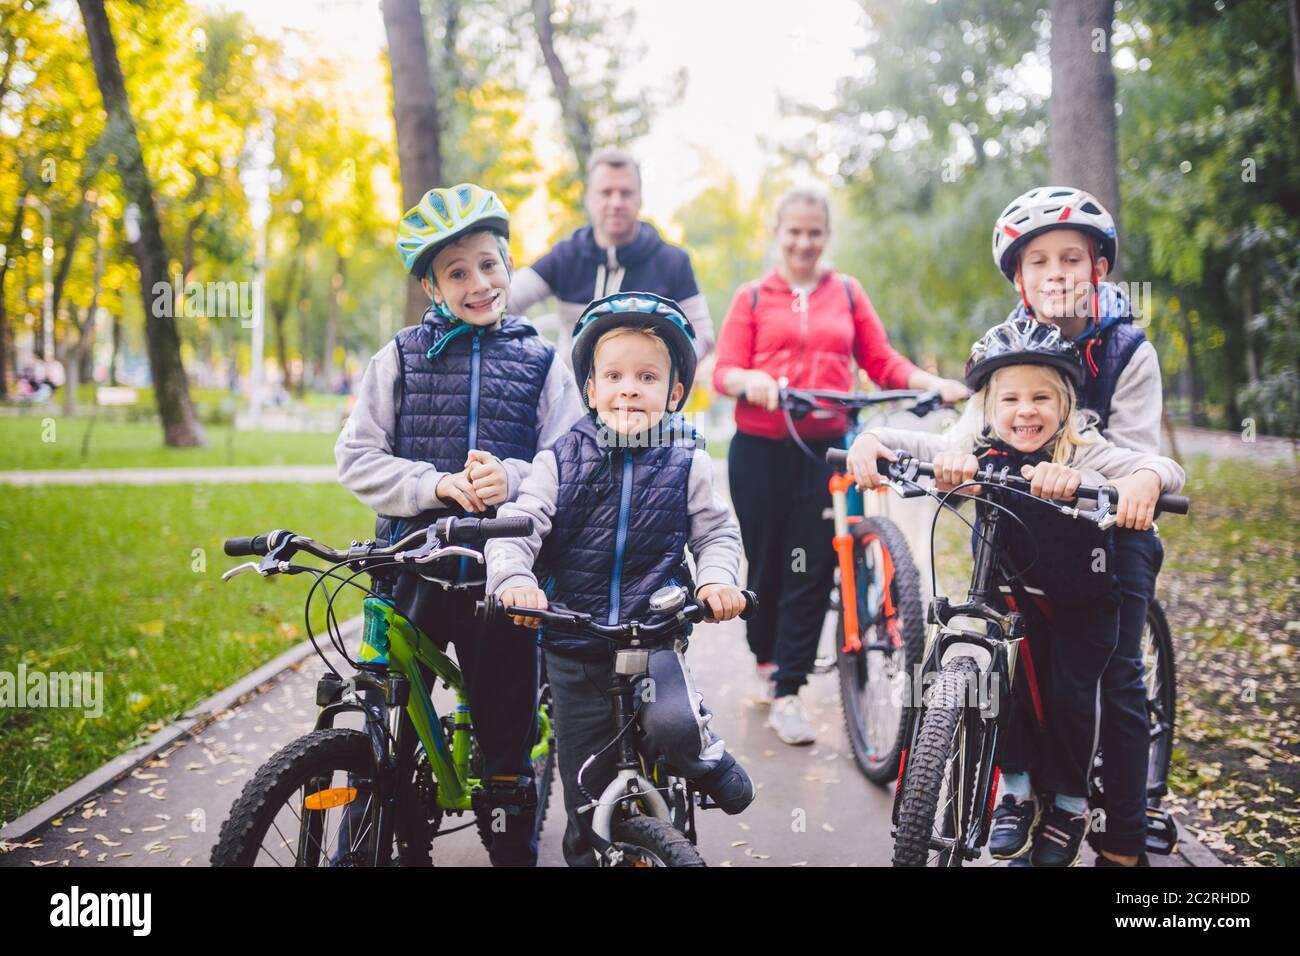 Deportes temáticos en familia vacaciones en el parque en la naturaleza. Gran familia caucásica amigable de seis personas en bicicleta de montaña en el bosque. Chil Foto de stock